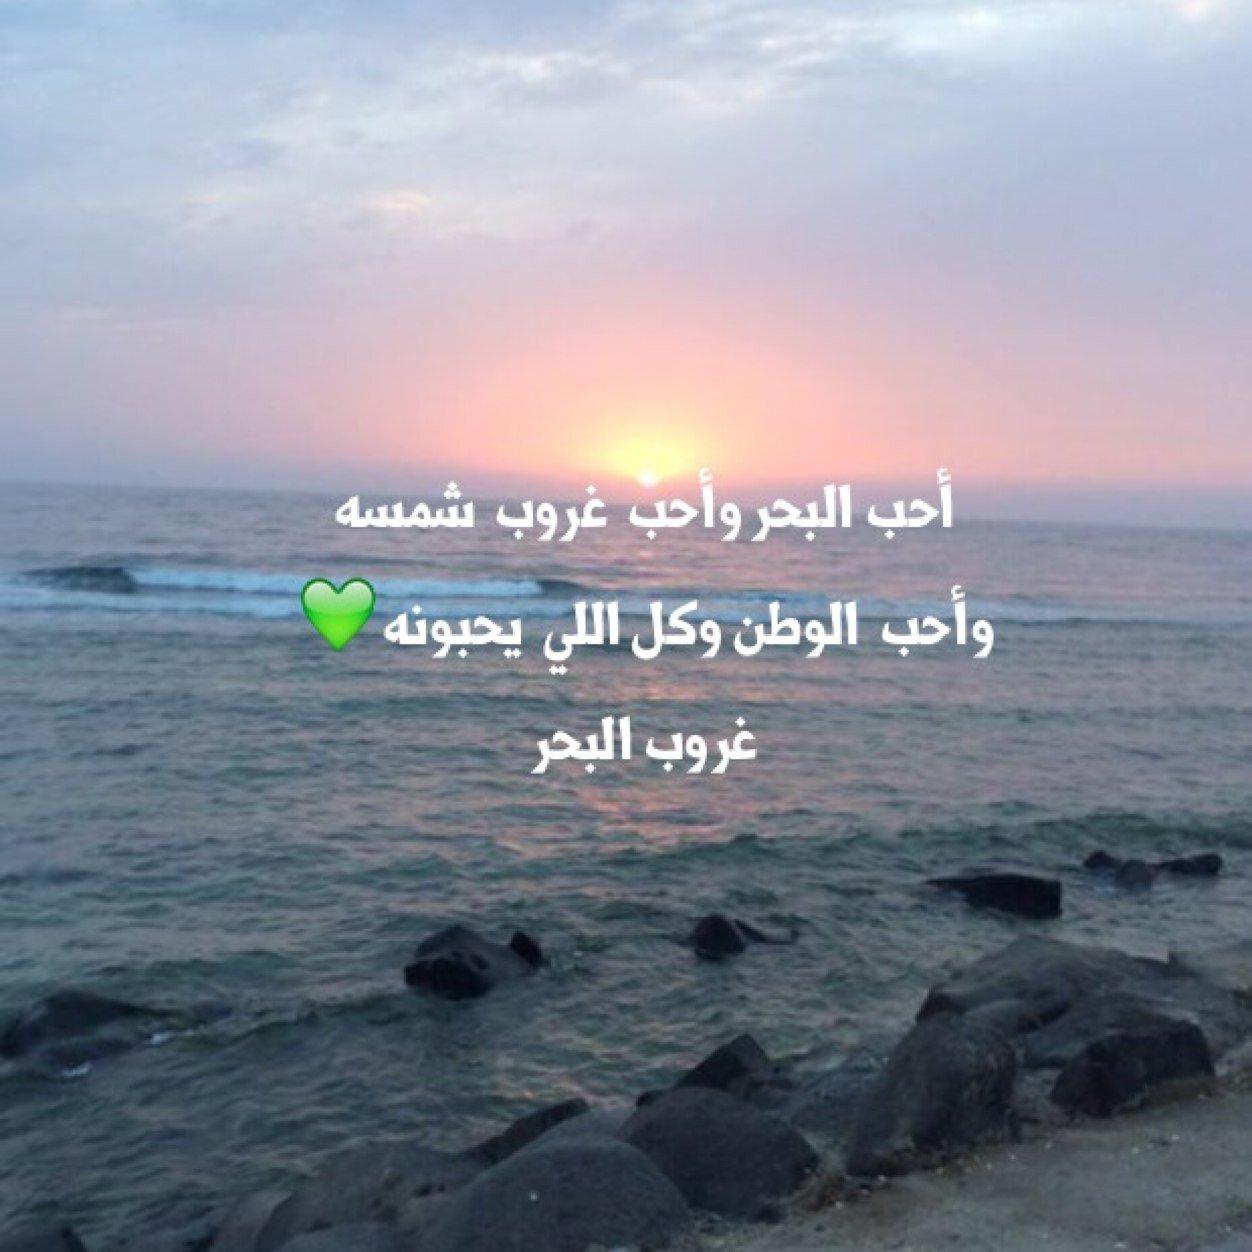 كلام عن البحر عبارات عن عشق البحر حبيبي